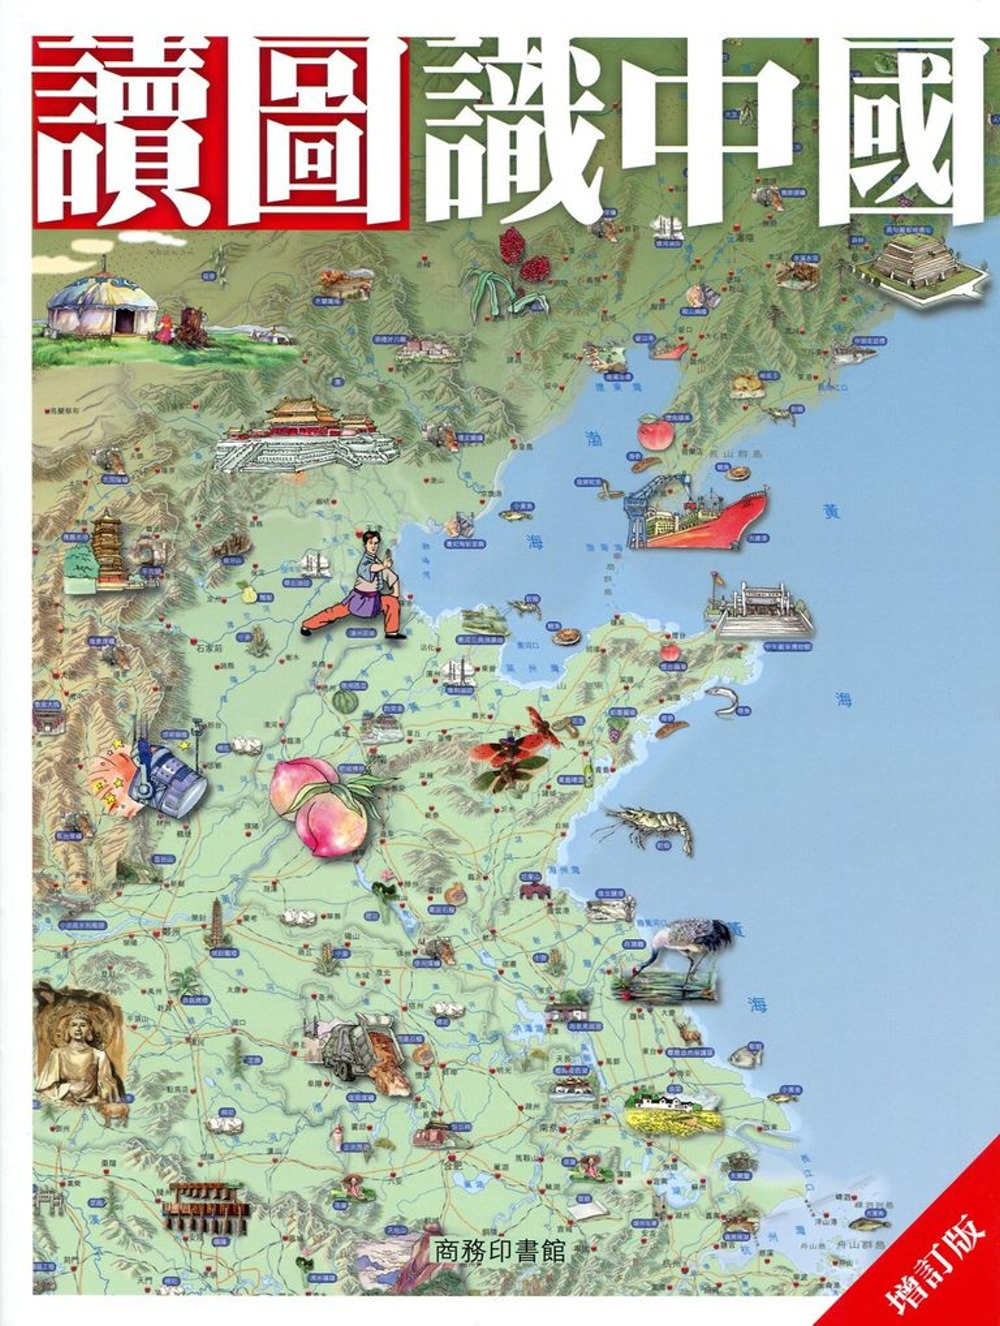 《讀圖識中國(增訂版)》 商品條碼,ISBN:9789620757822